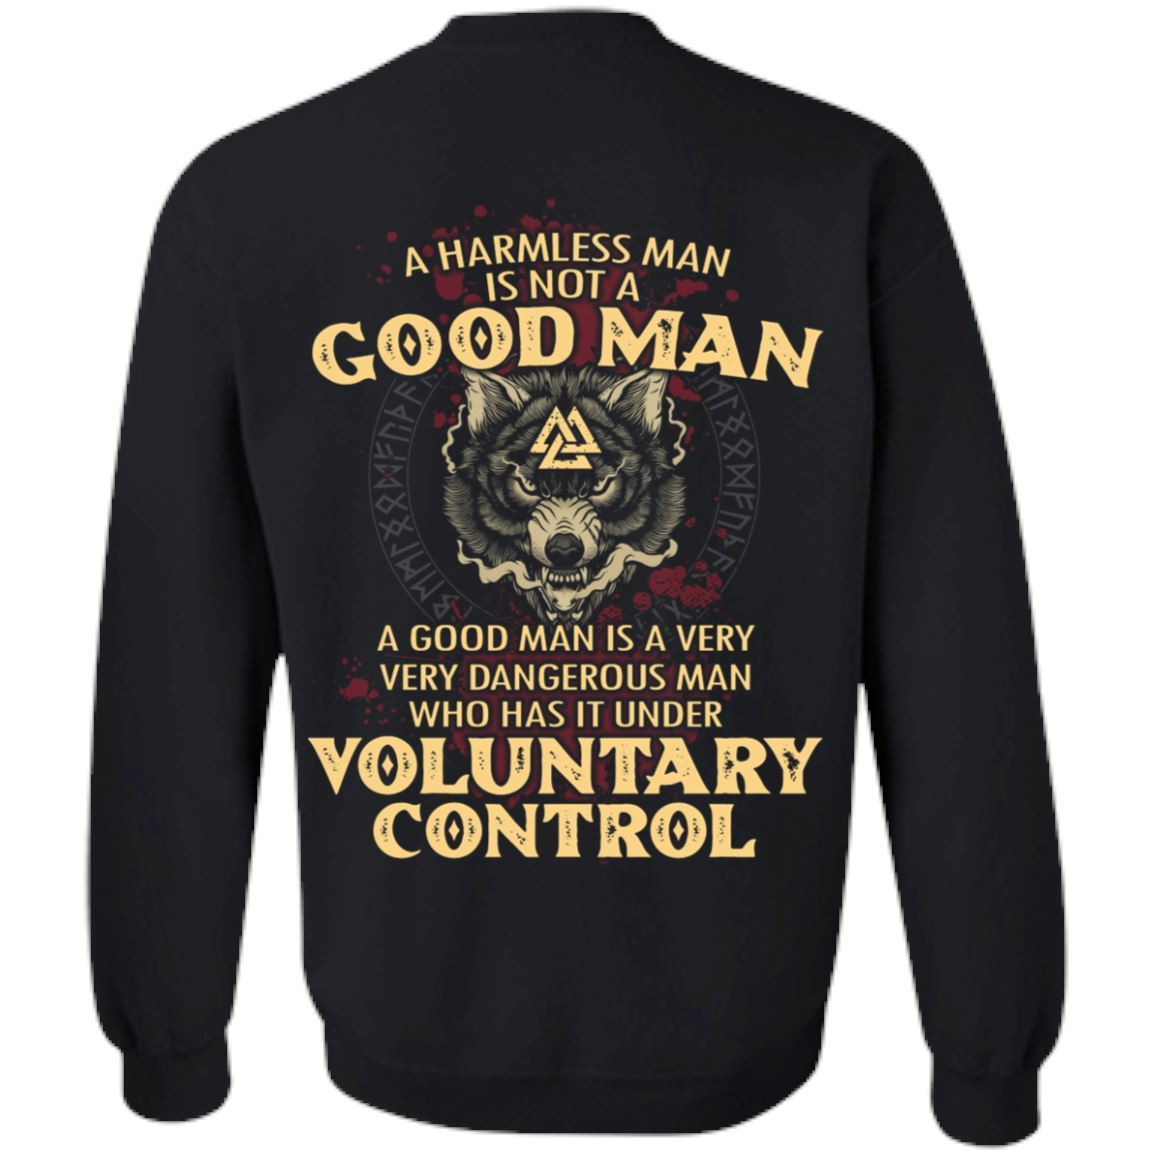 A harmless man is not a good man Shirt 22